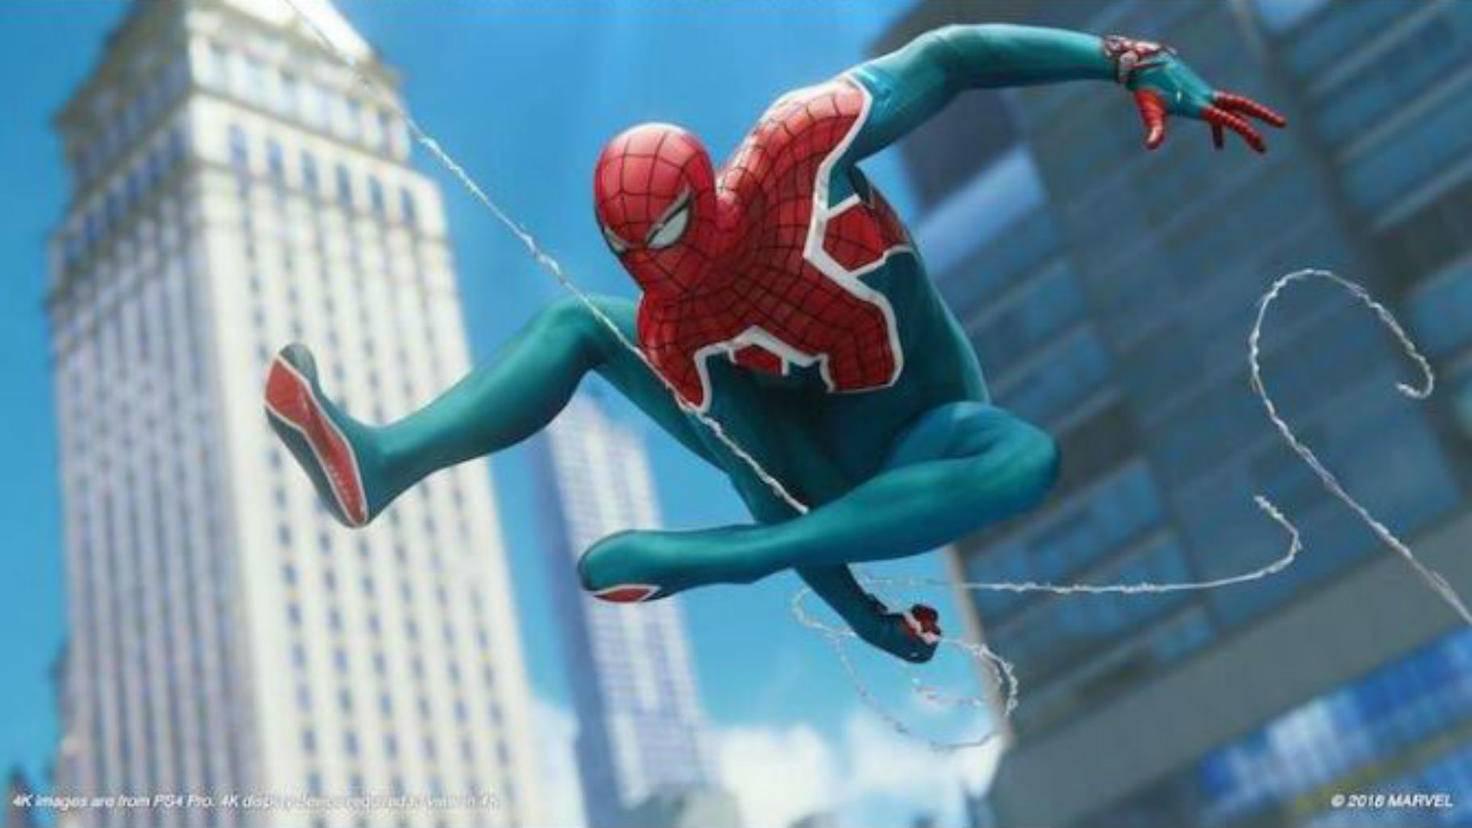 spider-man-ps4-spider-uk-screenshot